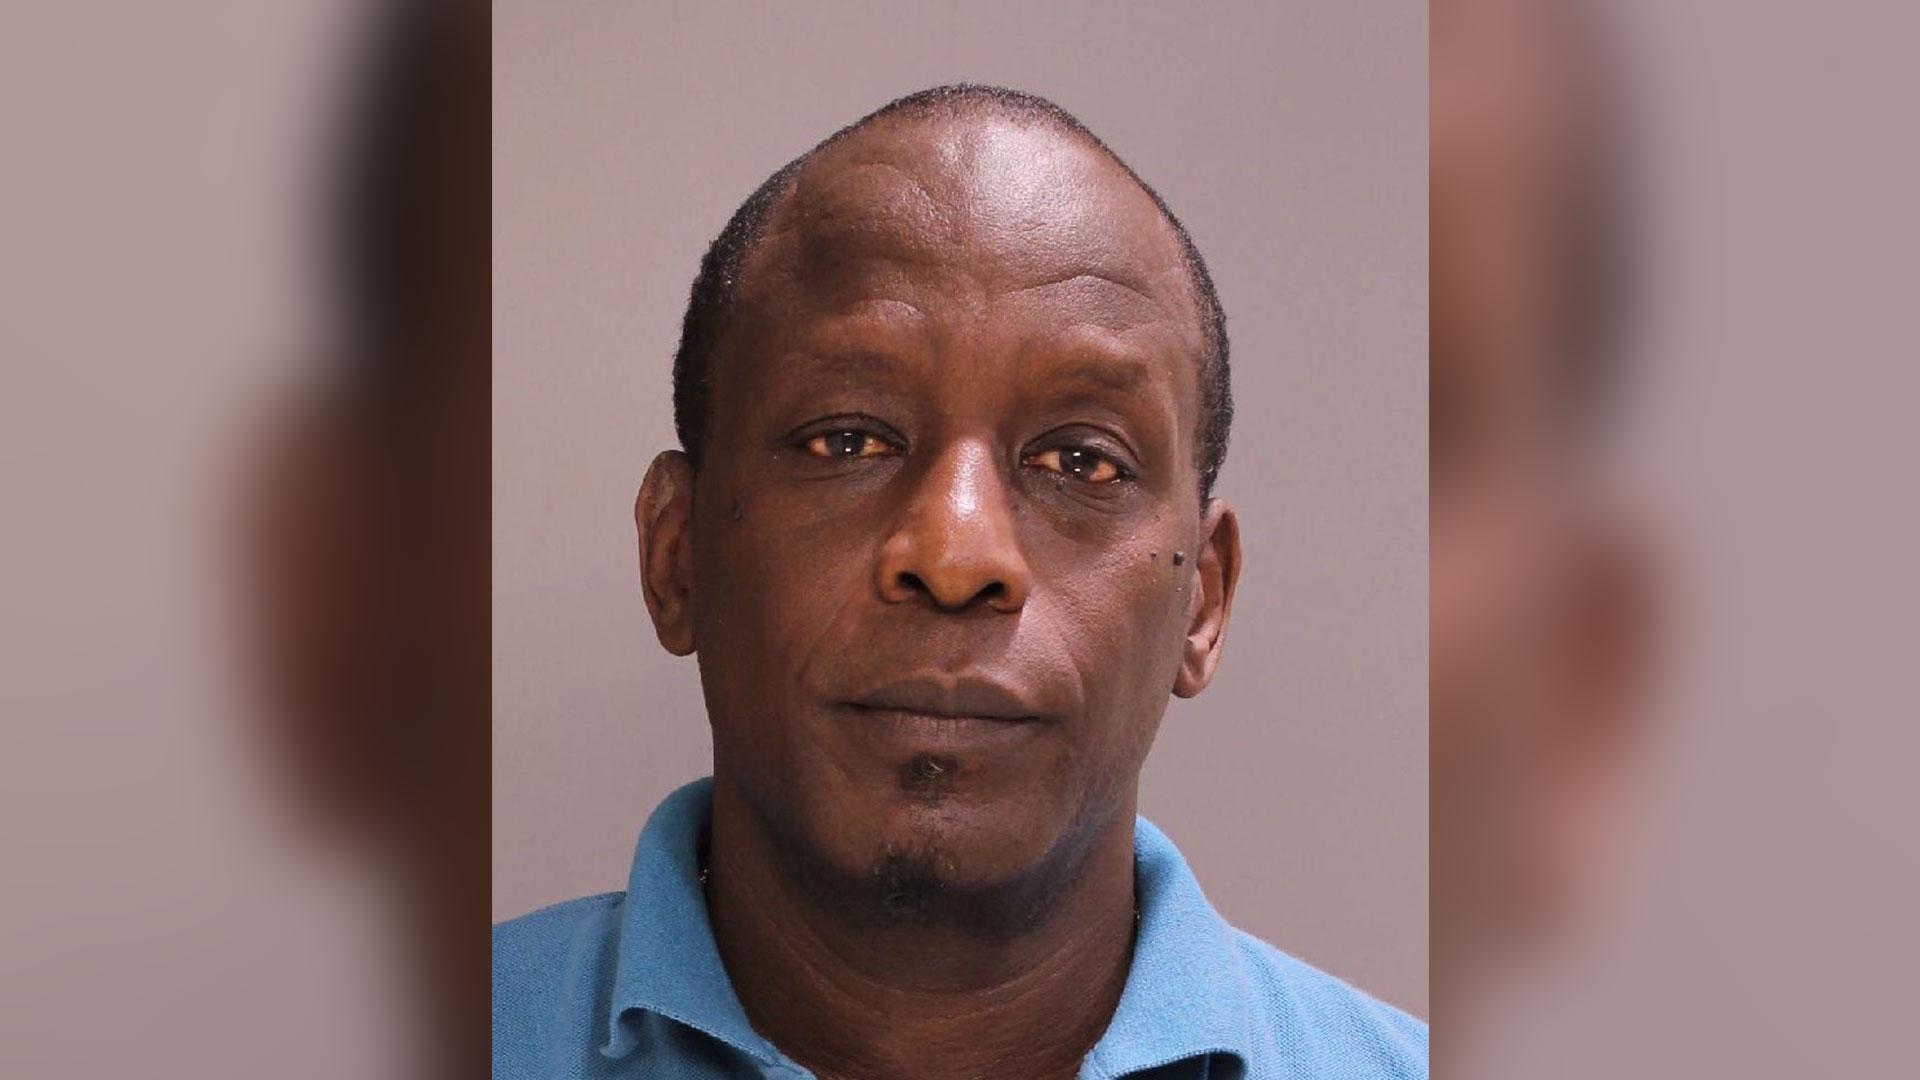 Staten Island man arrested after Louis Vuitton complaint